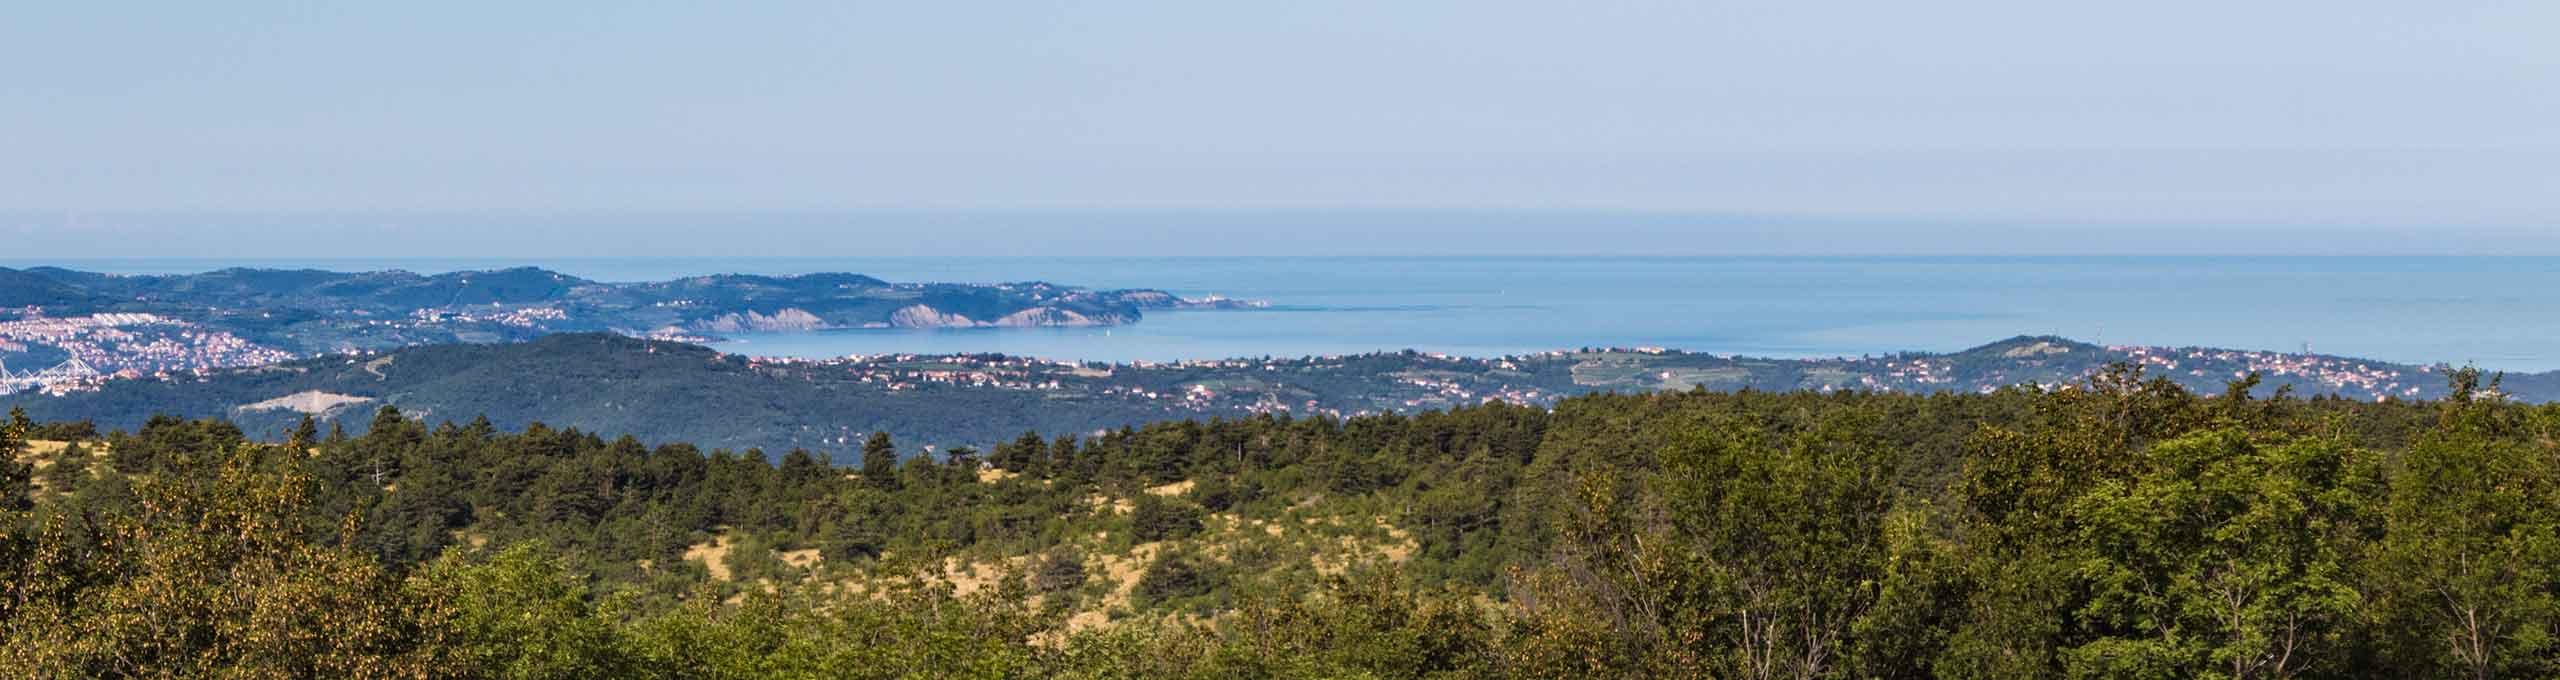 San Dorligo della Valle, Trieste e Carso